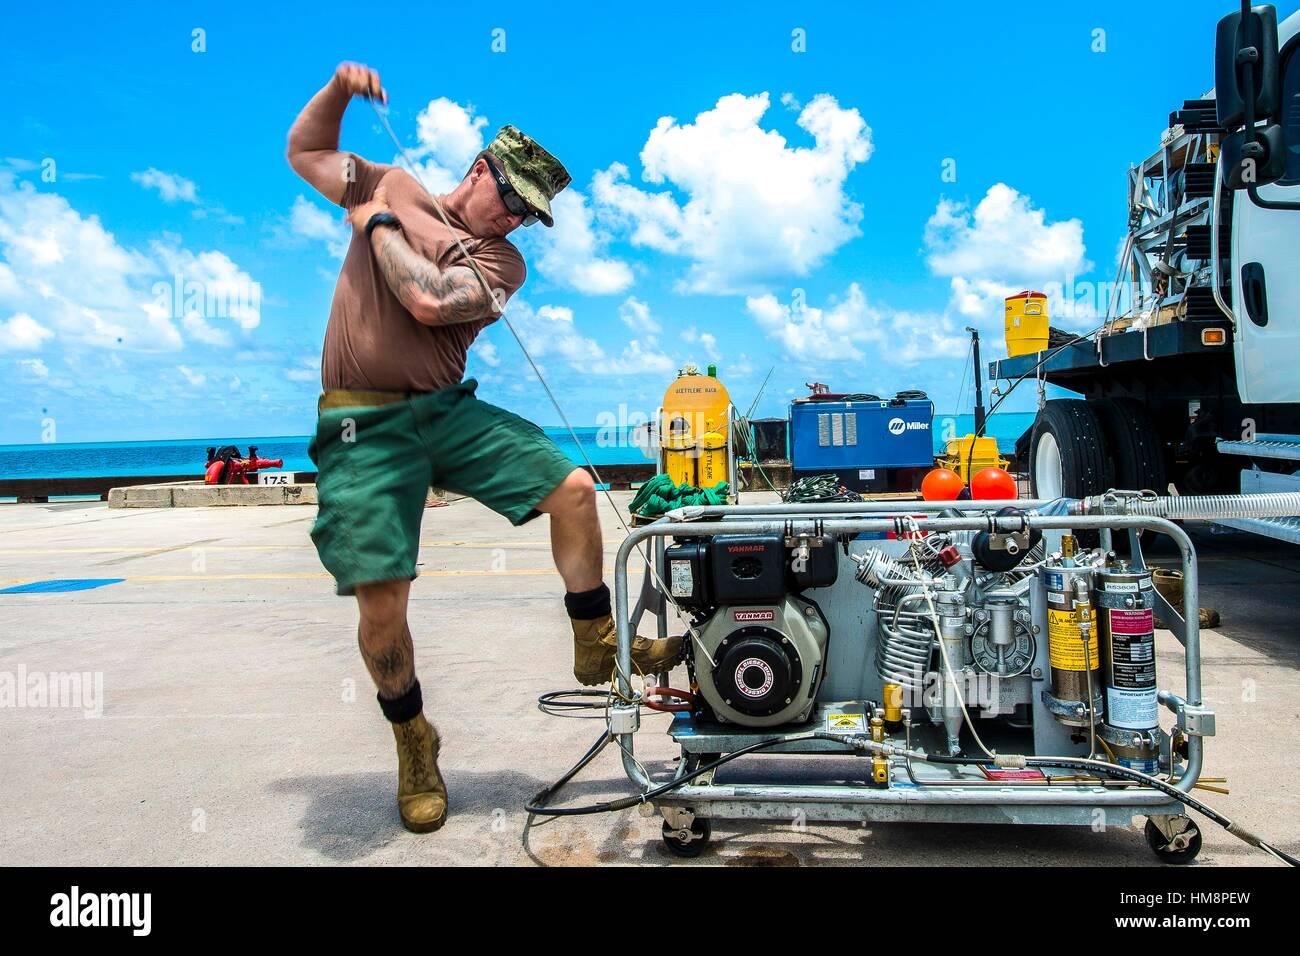 DIEGO GARCIA (Nov. 7, 2016) Chief Petty Officer Scott Schleisman, assigned to Underwater Construction Team (UCT) Stock Photo